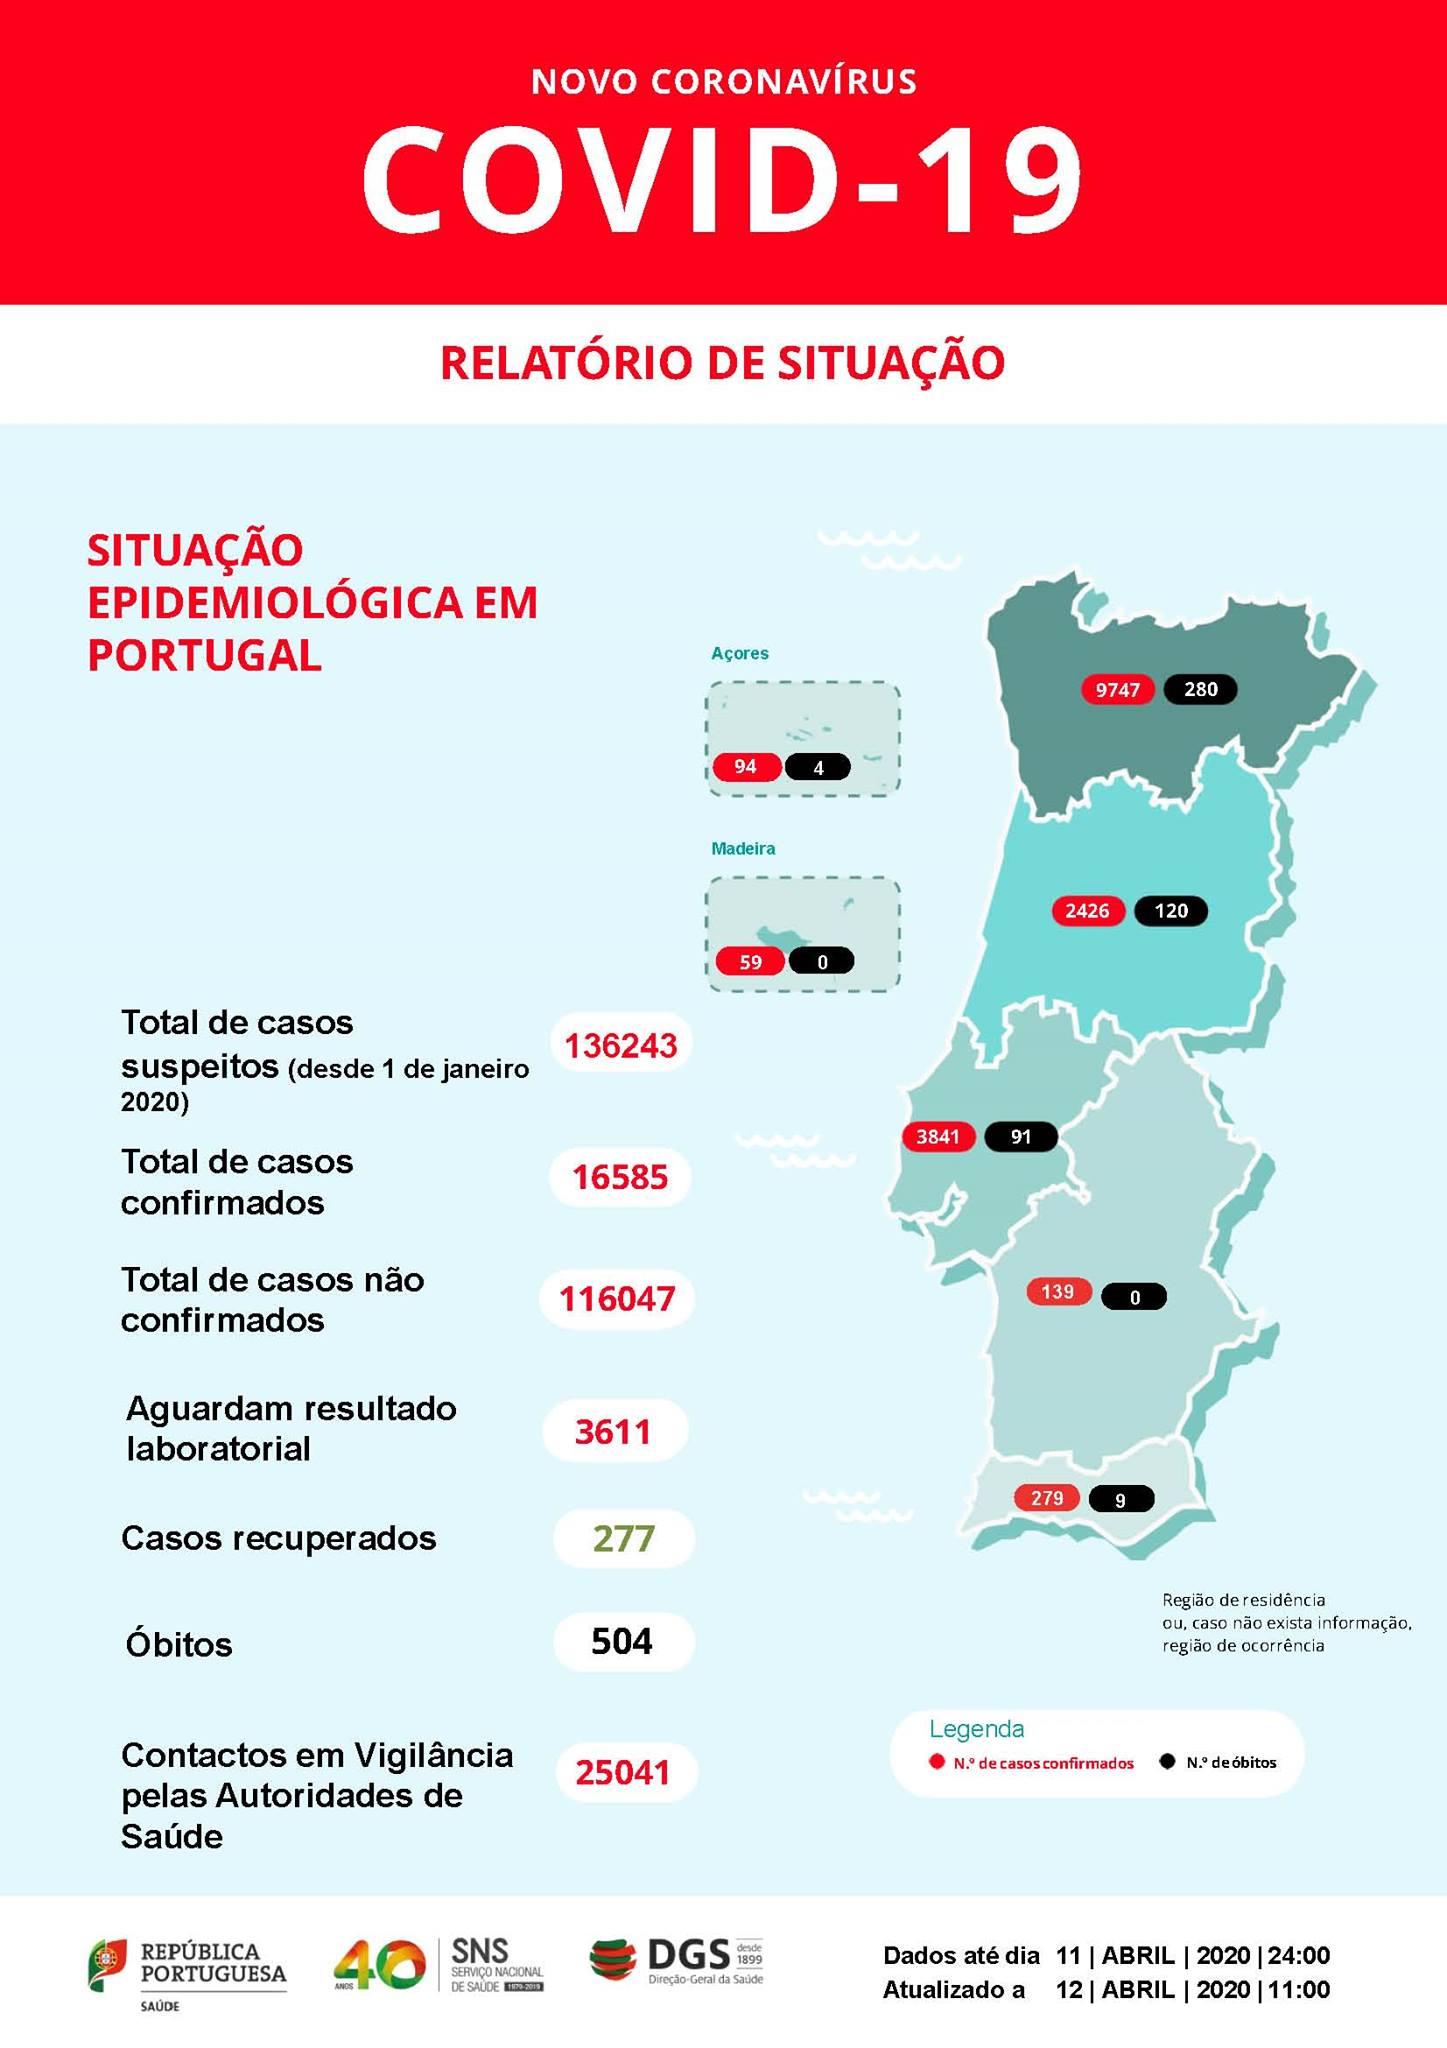 Koronawirus aktualna sytuacja w Portugalii czy jest bezpiecznie